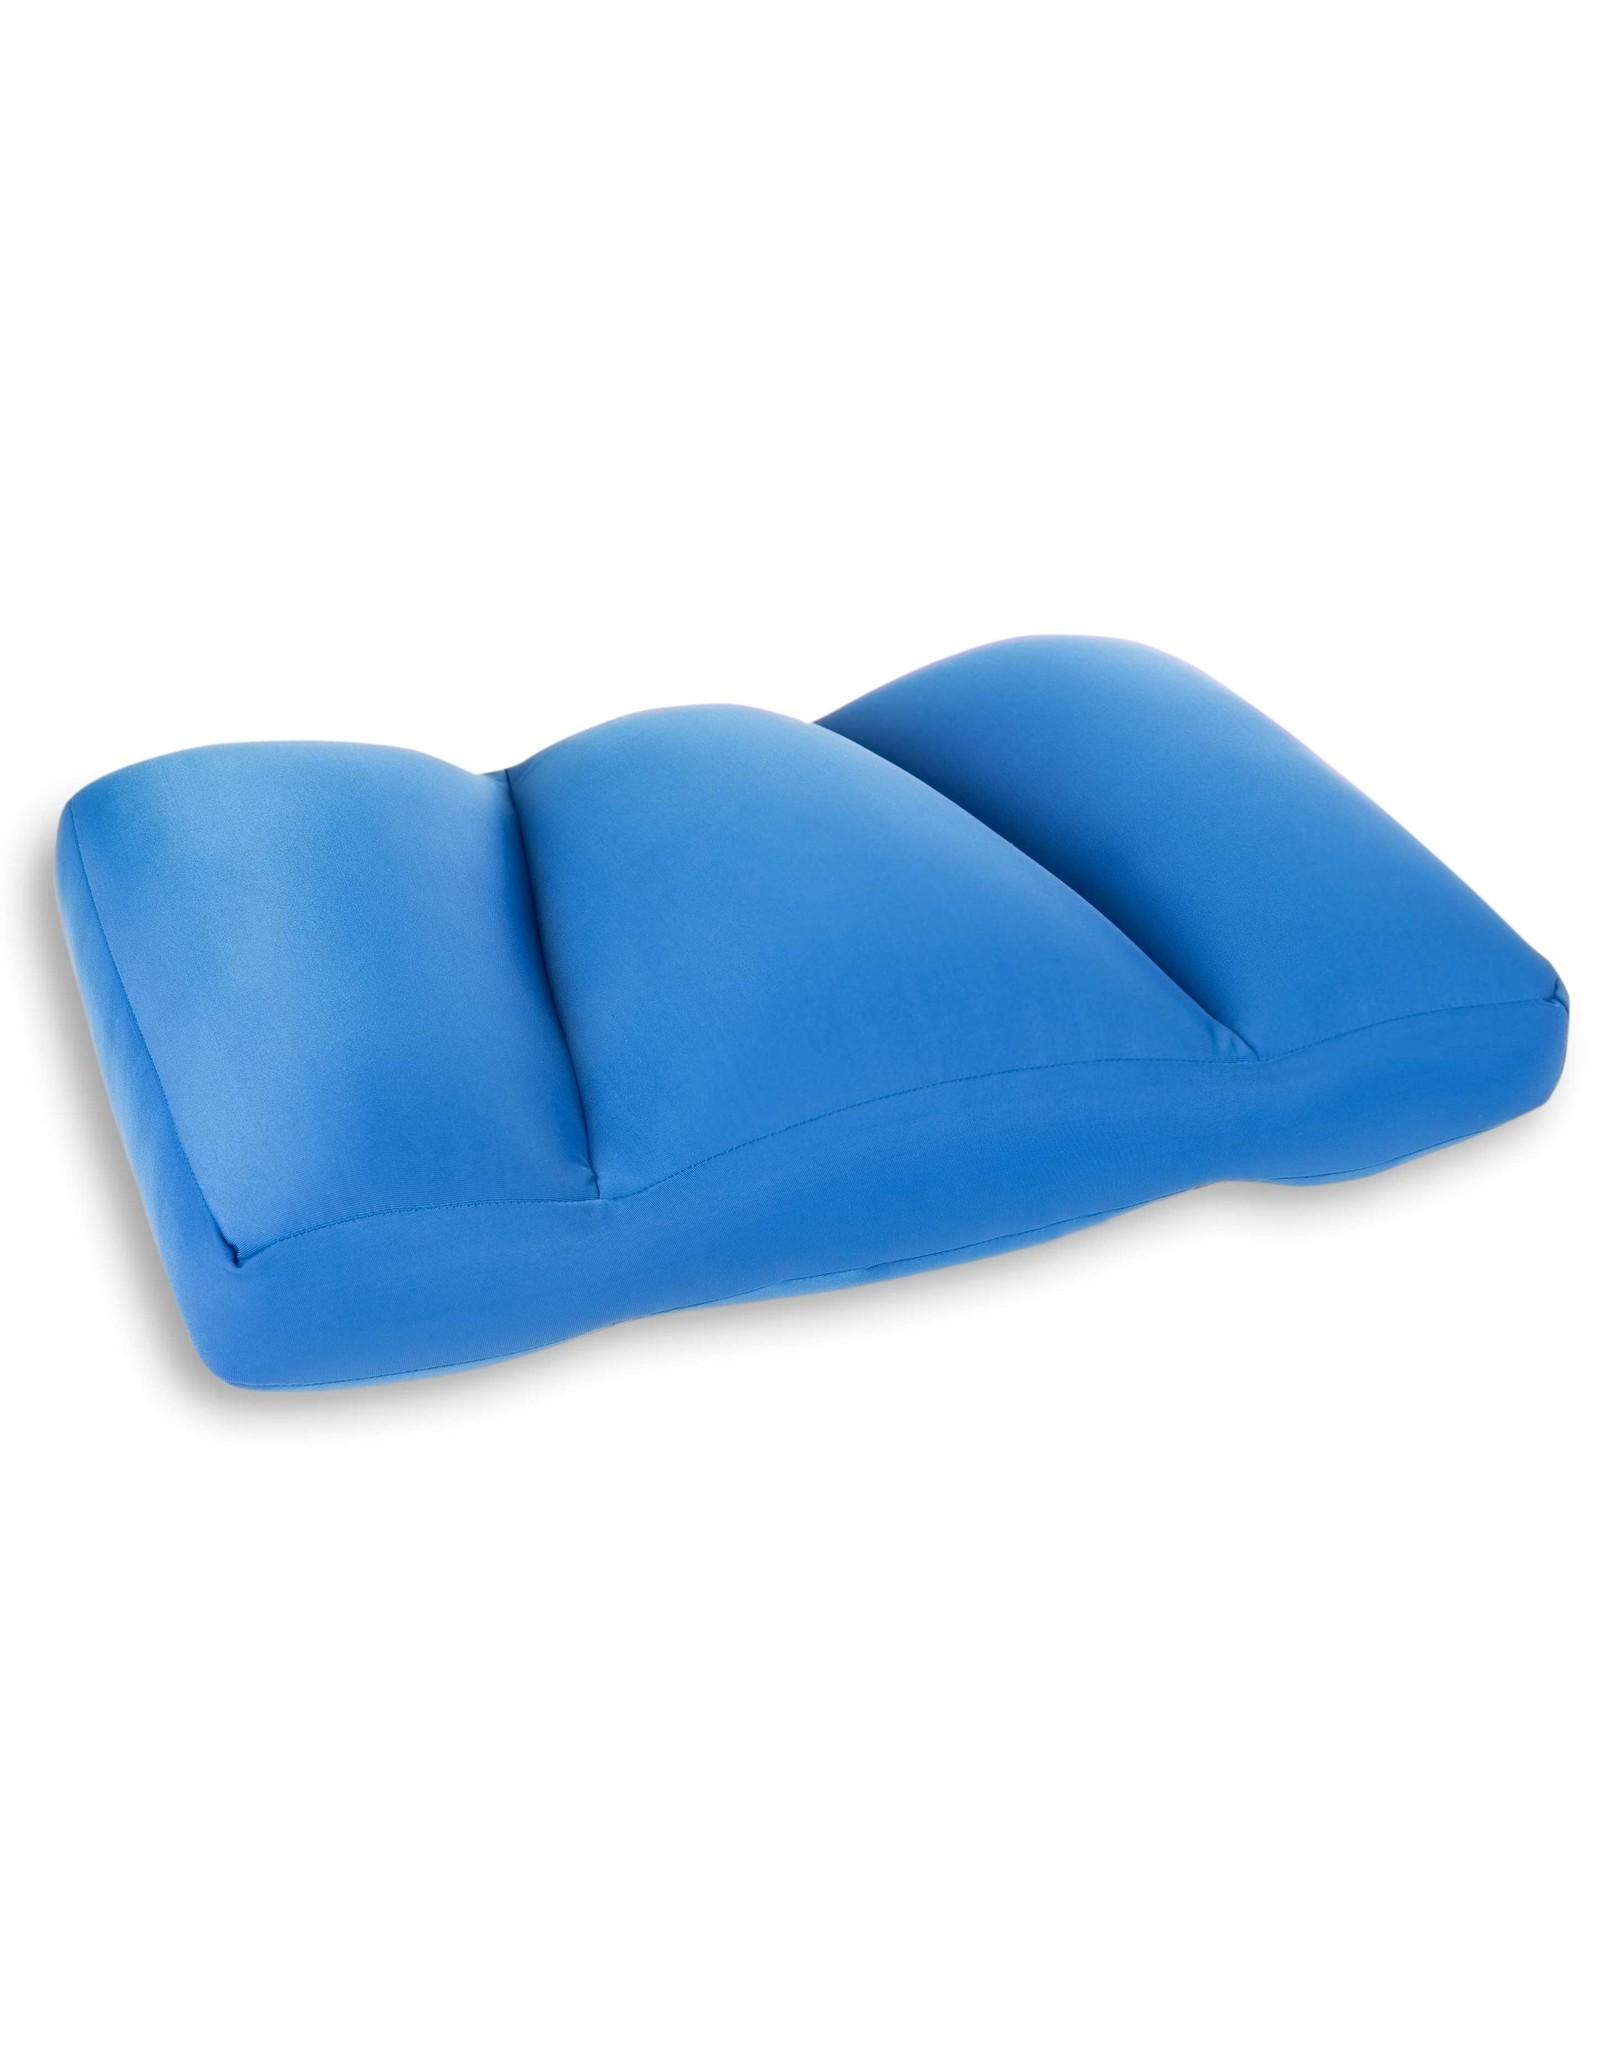 Kuschel-Maxx Kuschel Maxx - Cuscino ortopedico Blau